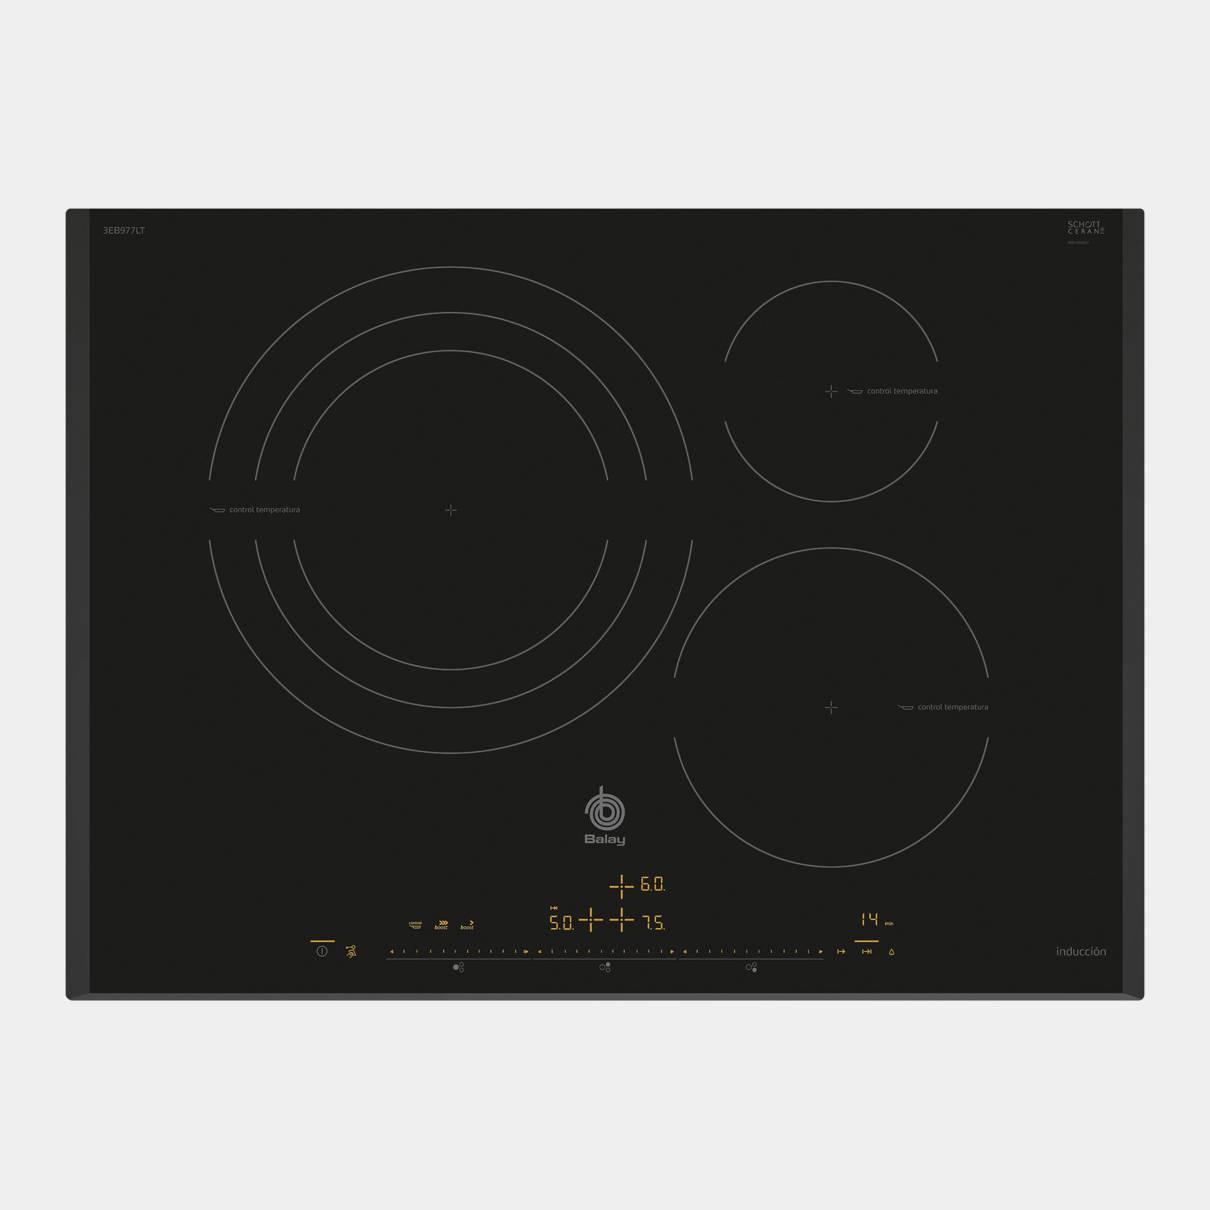 Placa de induccion balay 3eb977lt de 3 fuegos 70cm - Cocinas de induccion balay ...